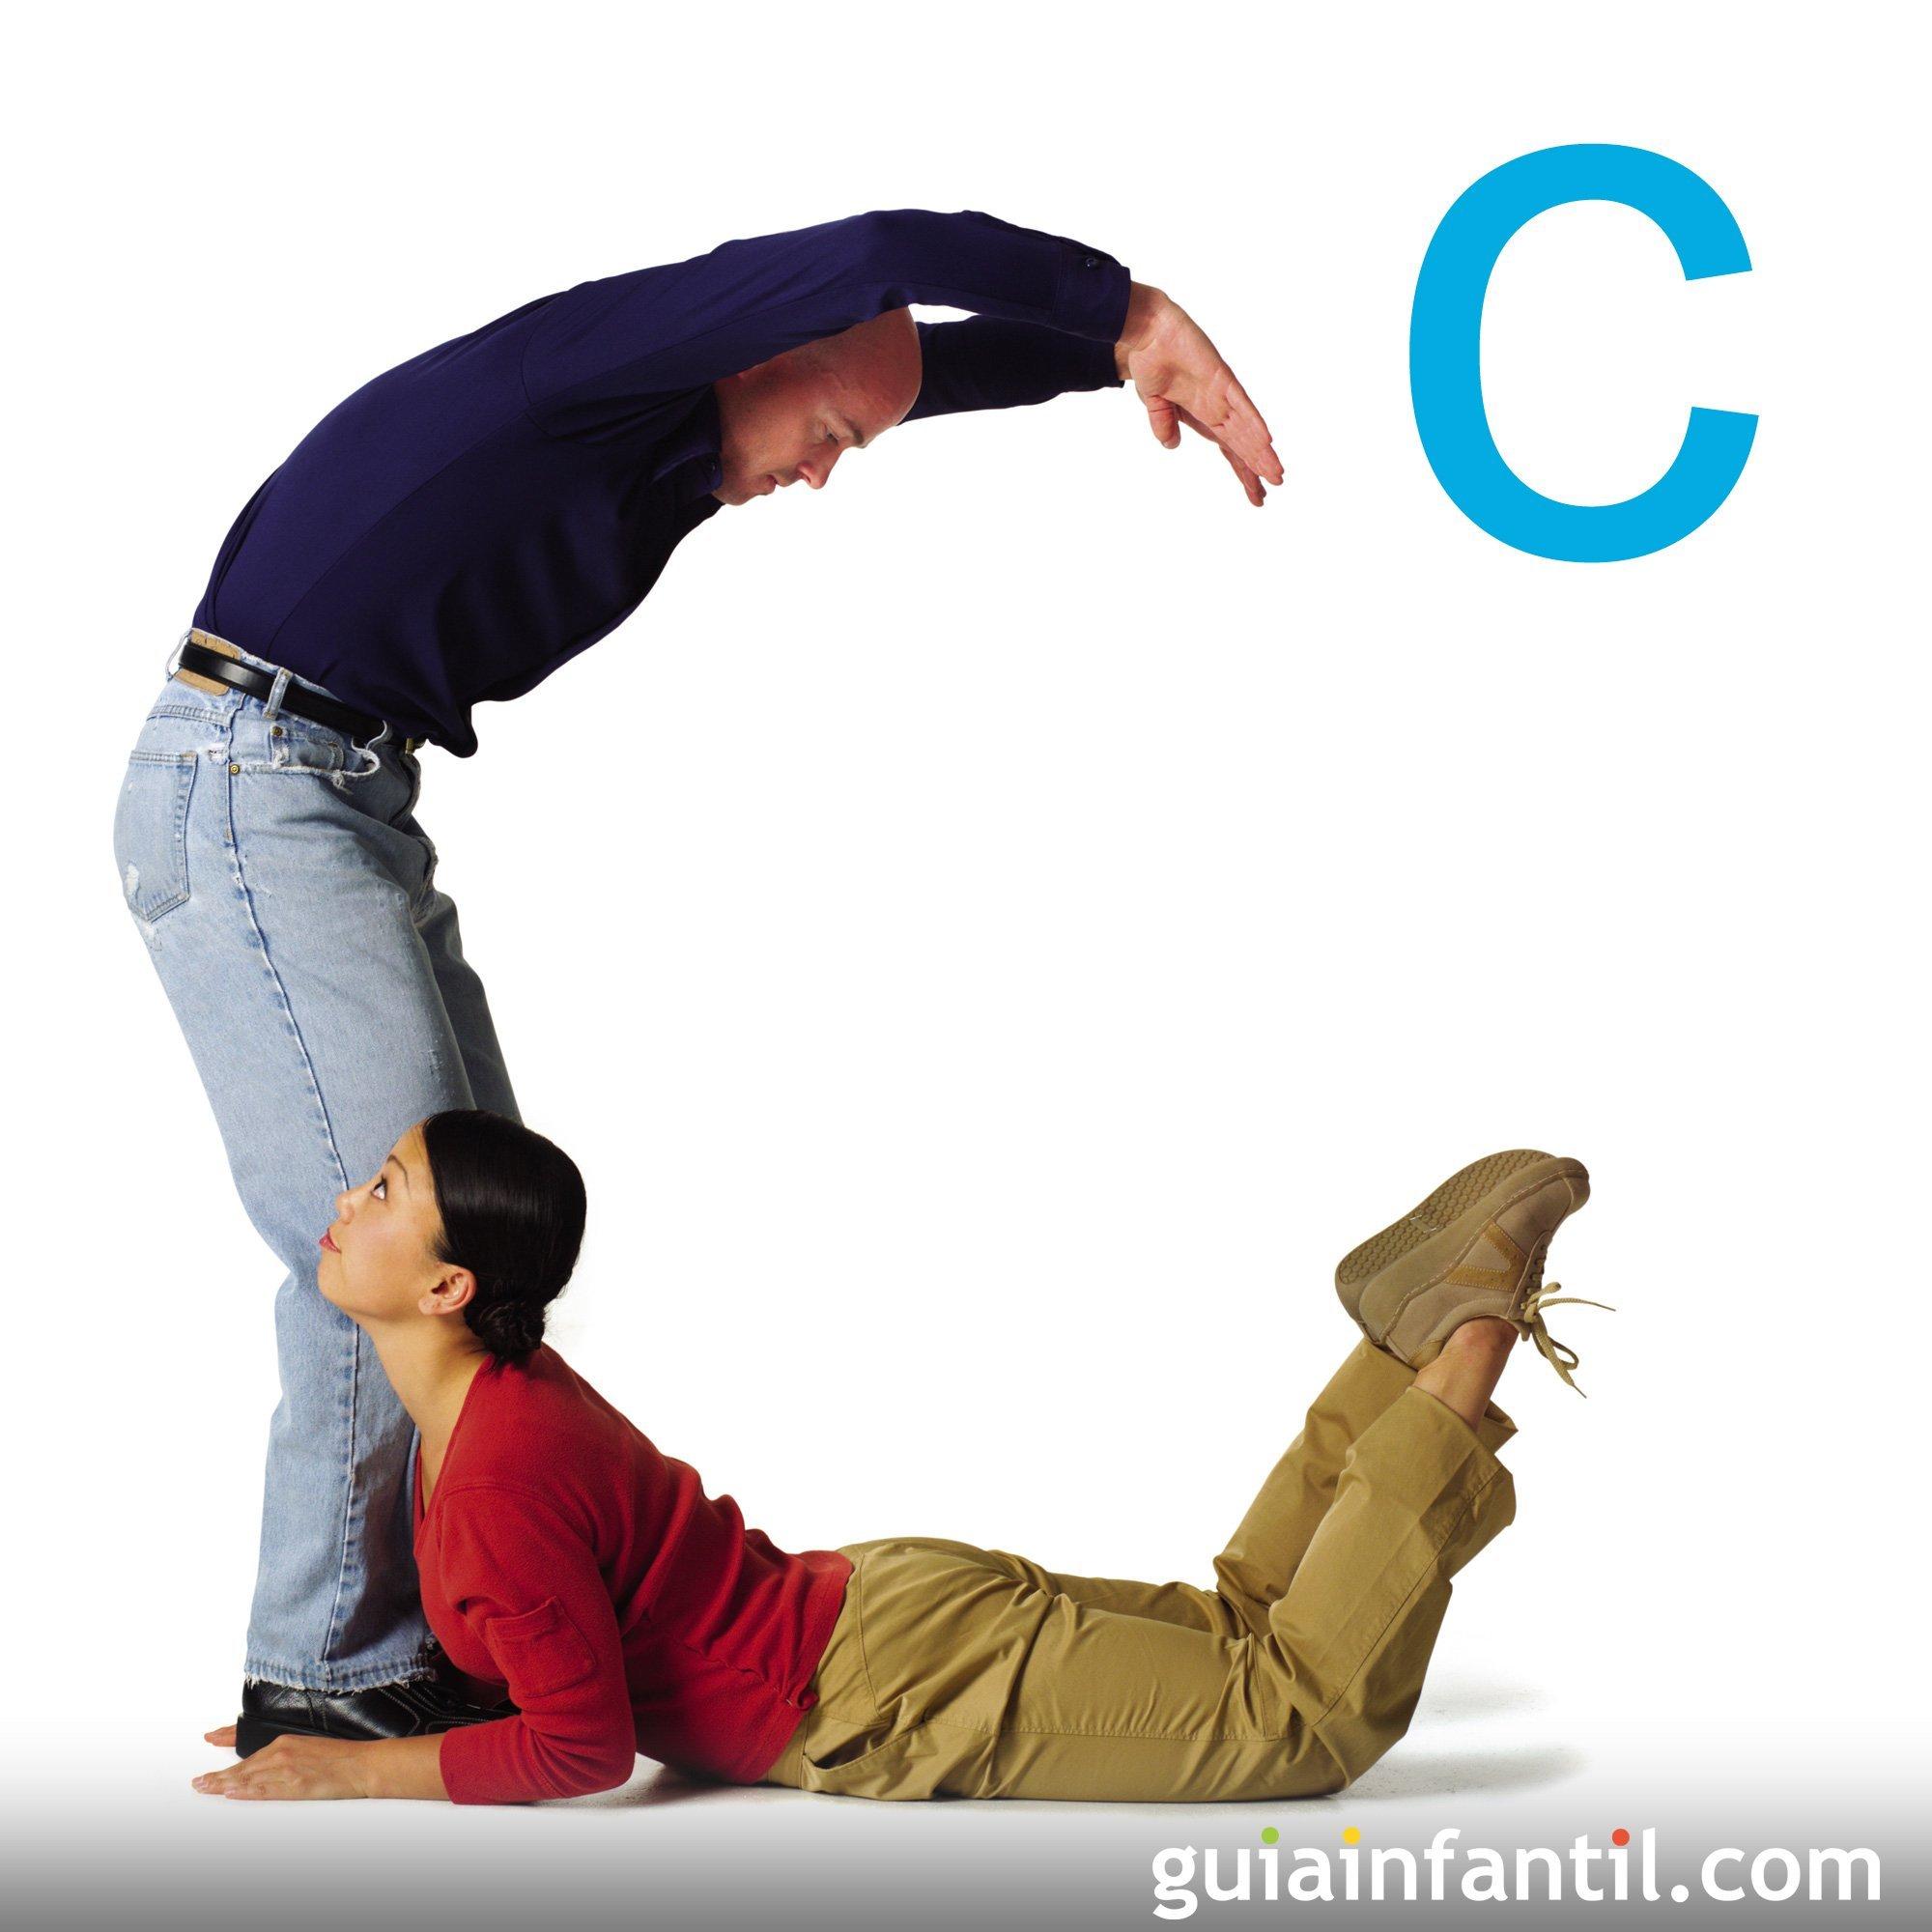 Juega a hacer la letra C con el cuerpo